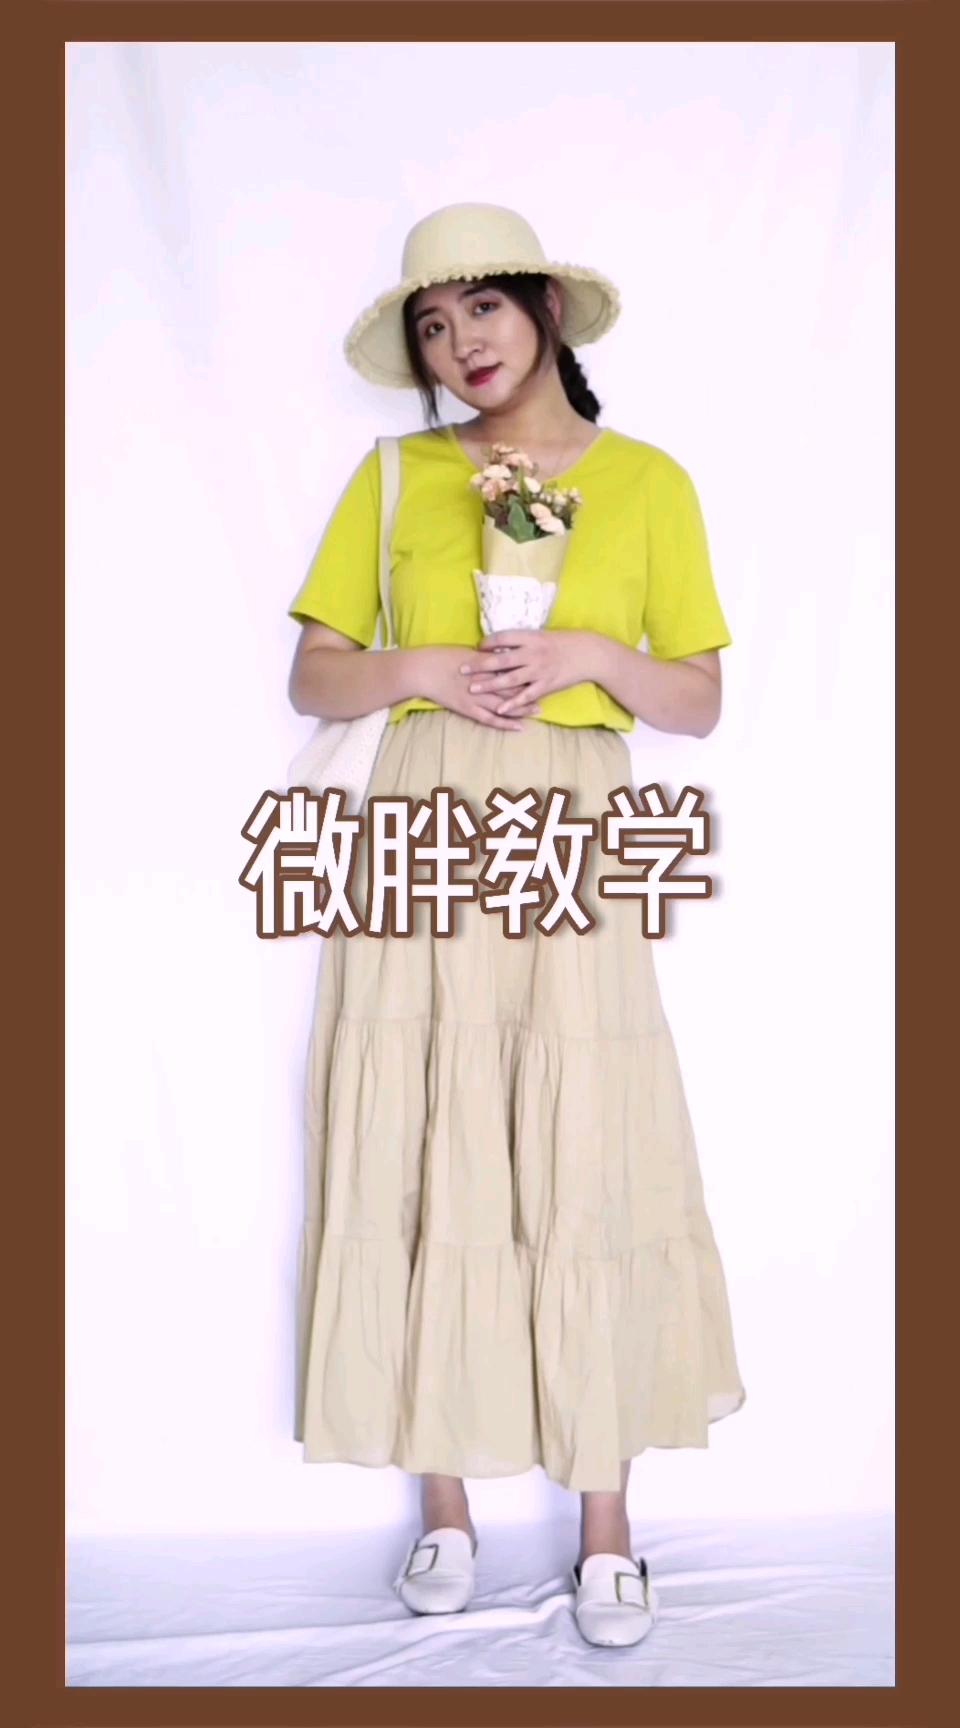 #微胖女孩618都在买什么?#  黄色是夏季显白色啦 超适合黄皮女生哦 大U领T平价又好穿 搭配卡其色层叠裙超显瘦 都是618值得入的单品啦!